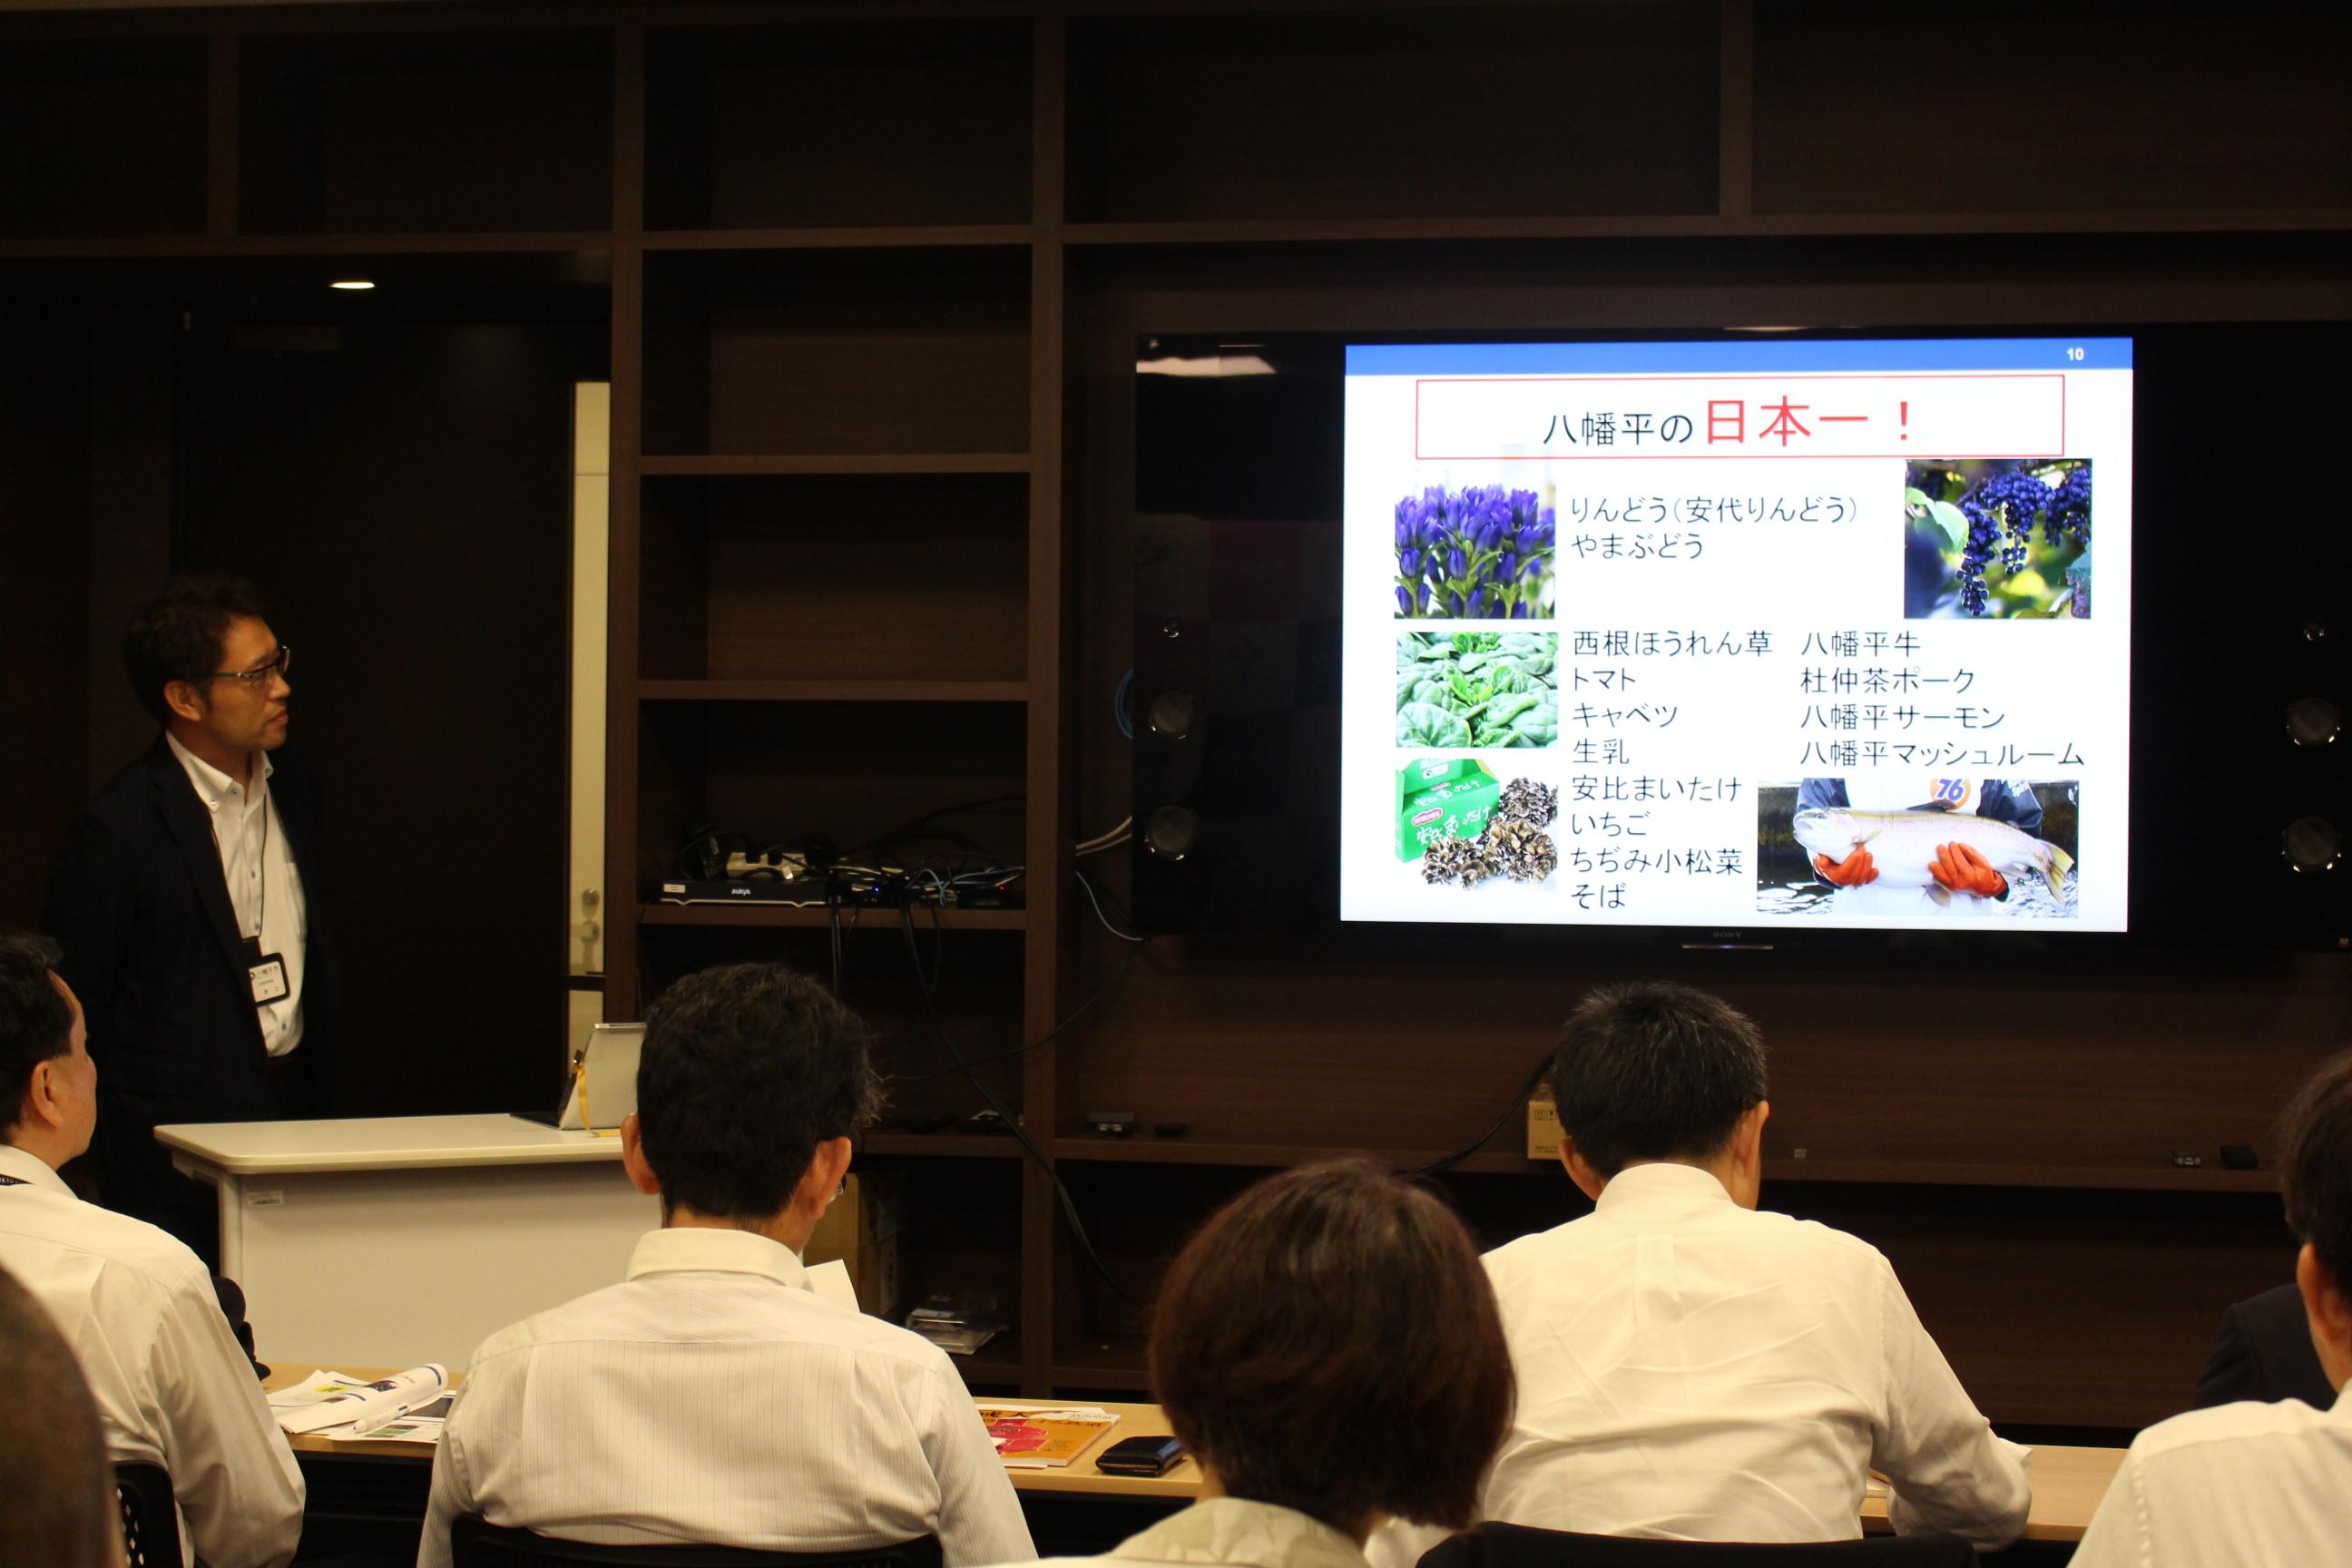 講演中の八幡平市企画財政課地域戦略係長の関貴之氏